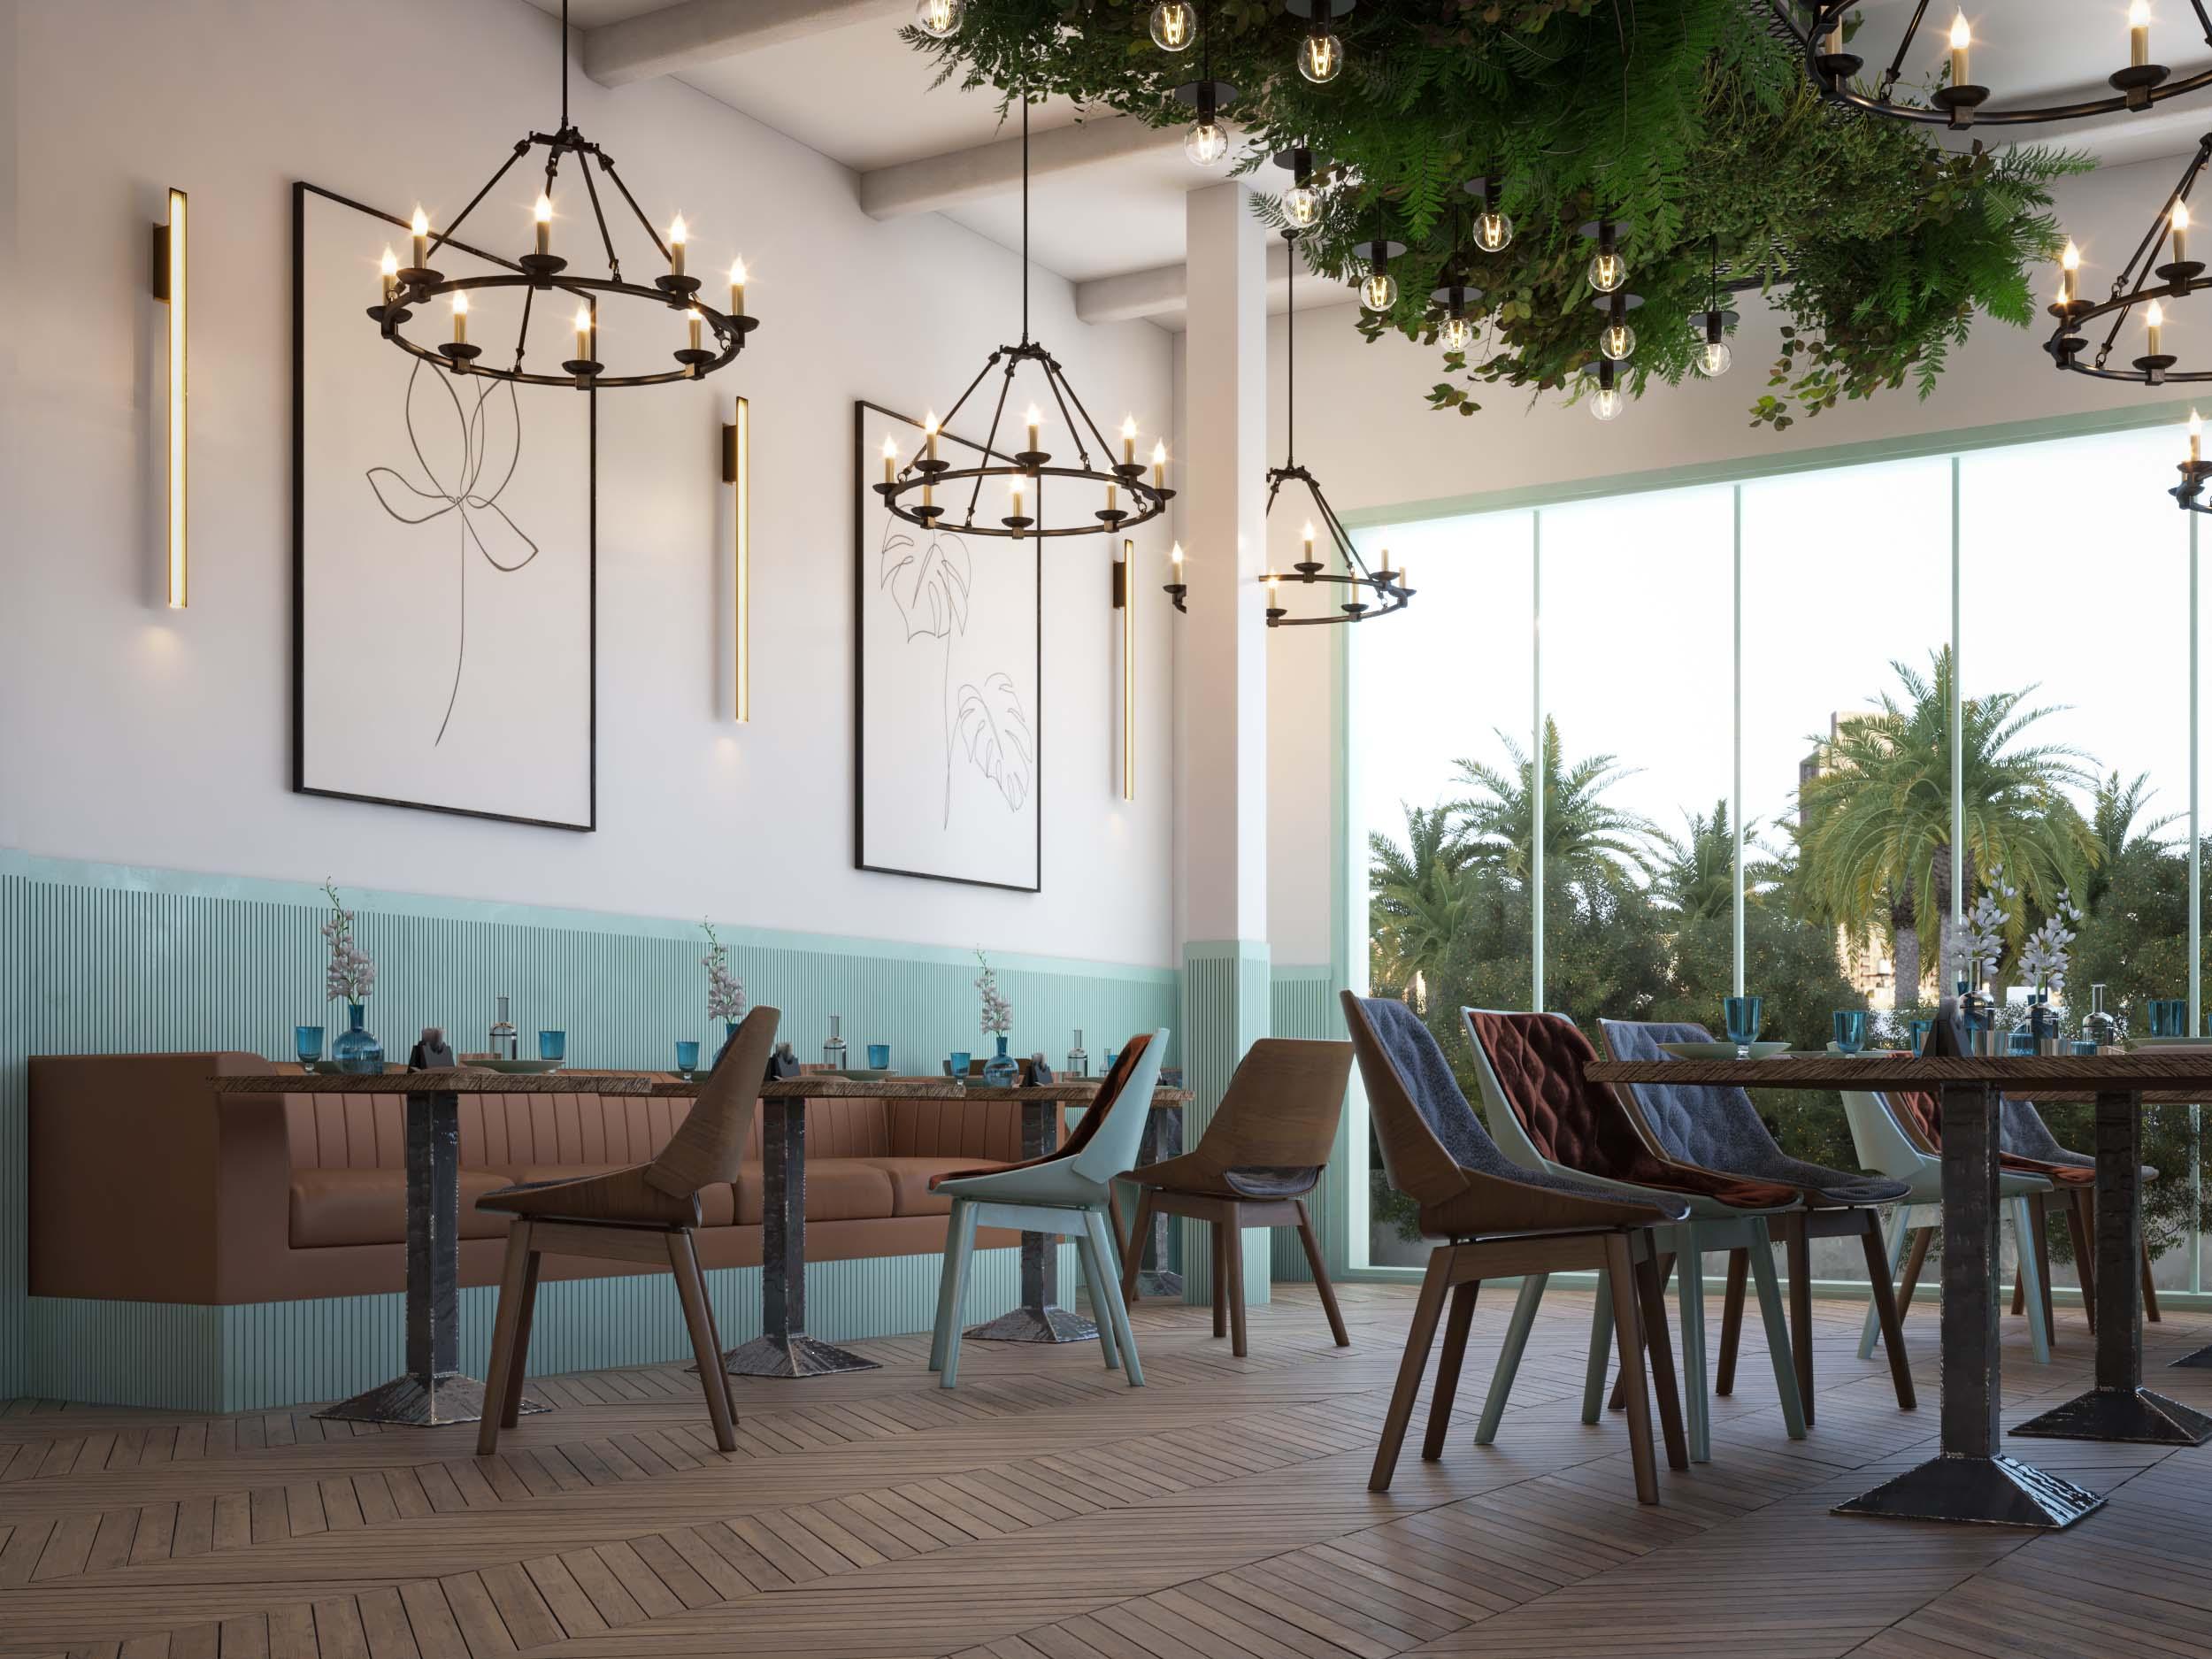 CAFE DESIGN BY HRarchZ  - GROUND FLOOR - CAFE - DESIGN